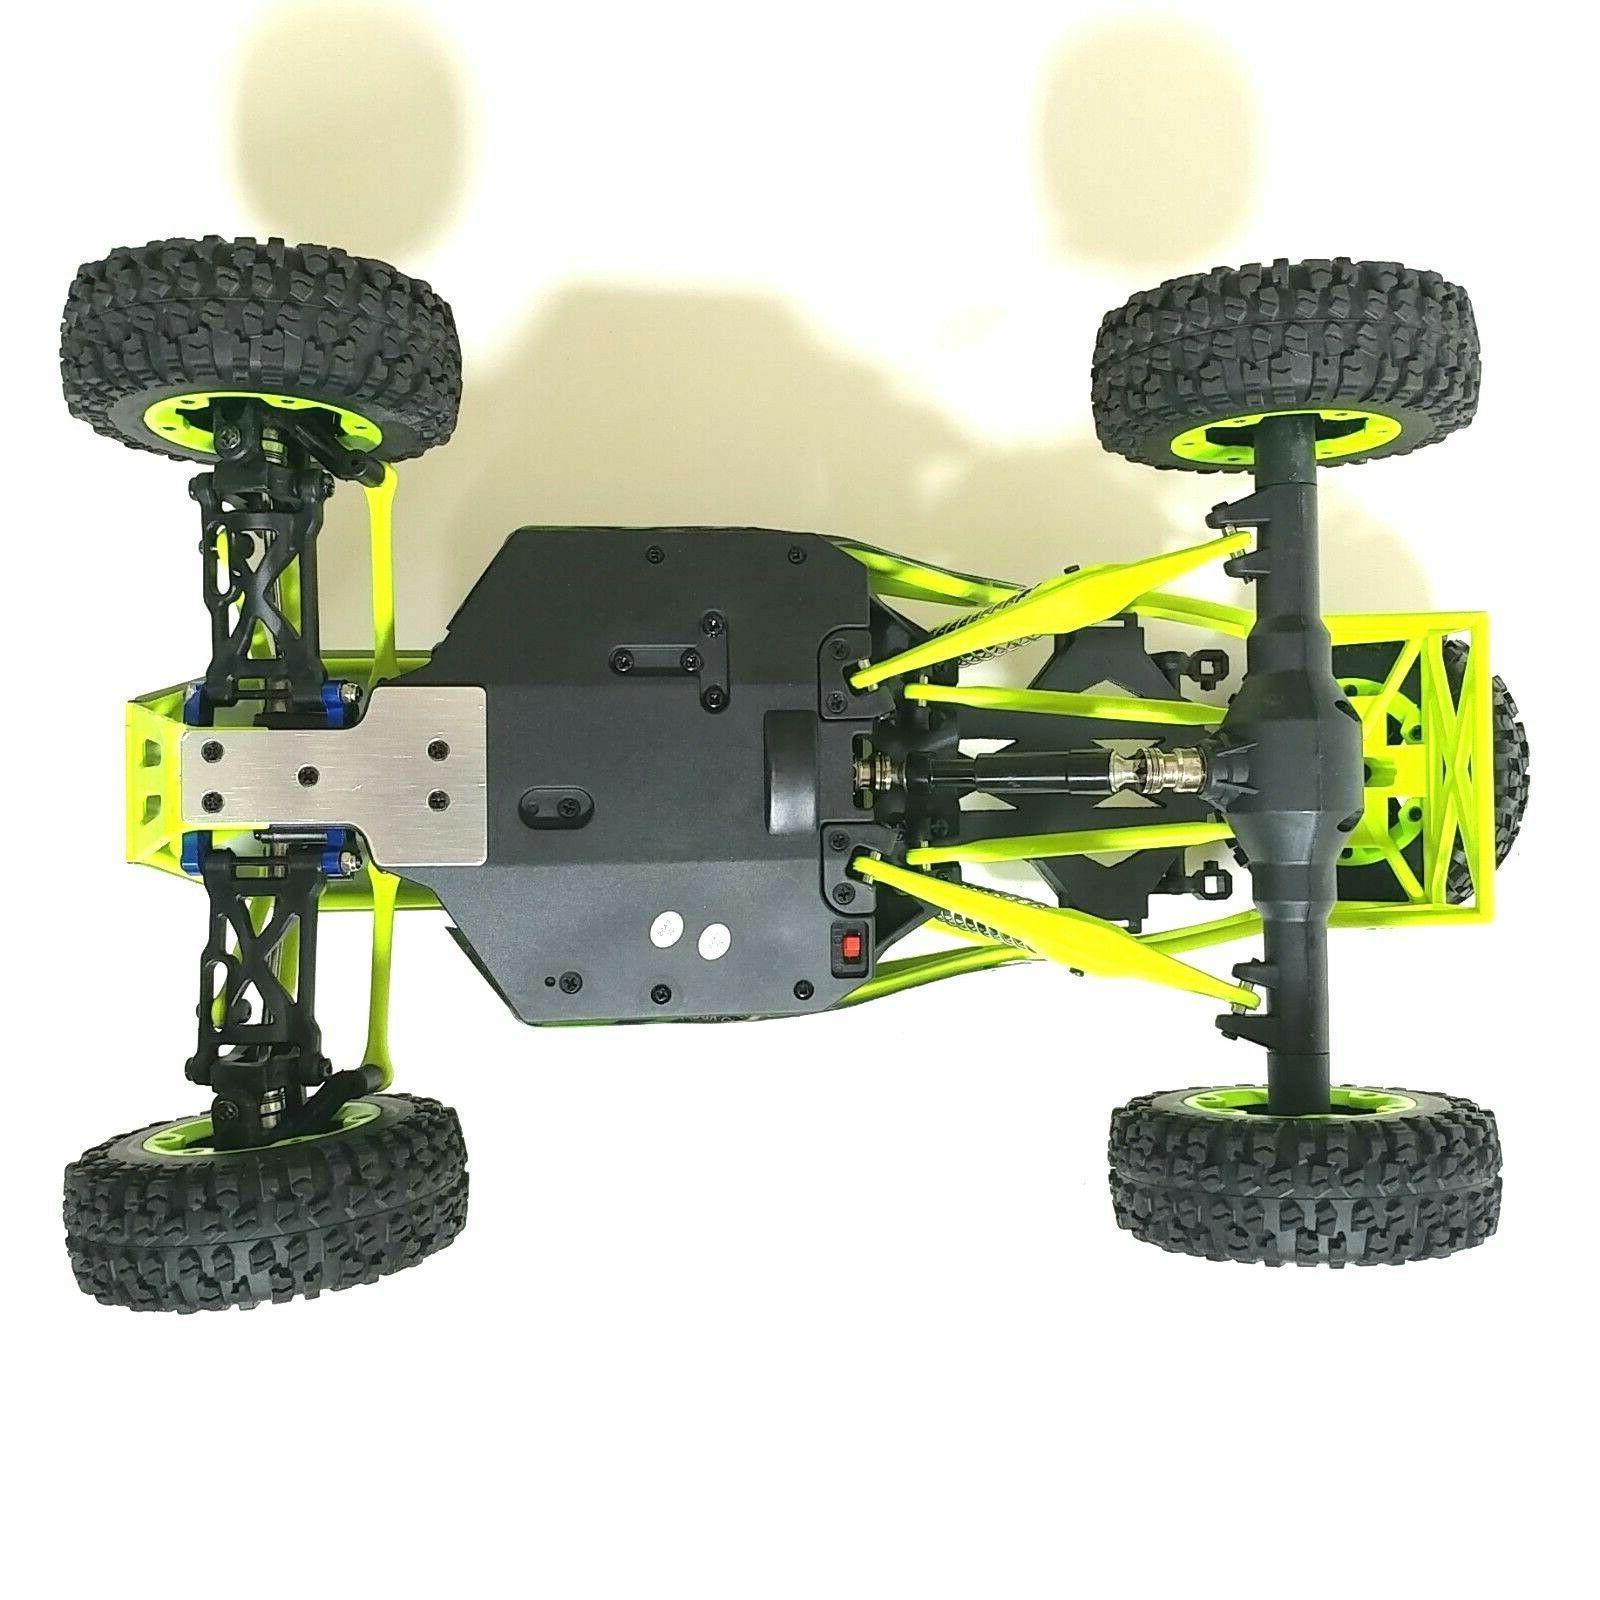 RTR Crawler/racer. FREE & $$ in EBAY!